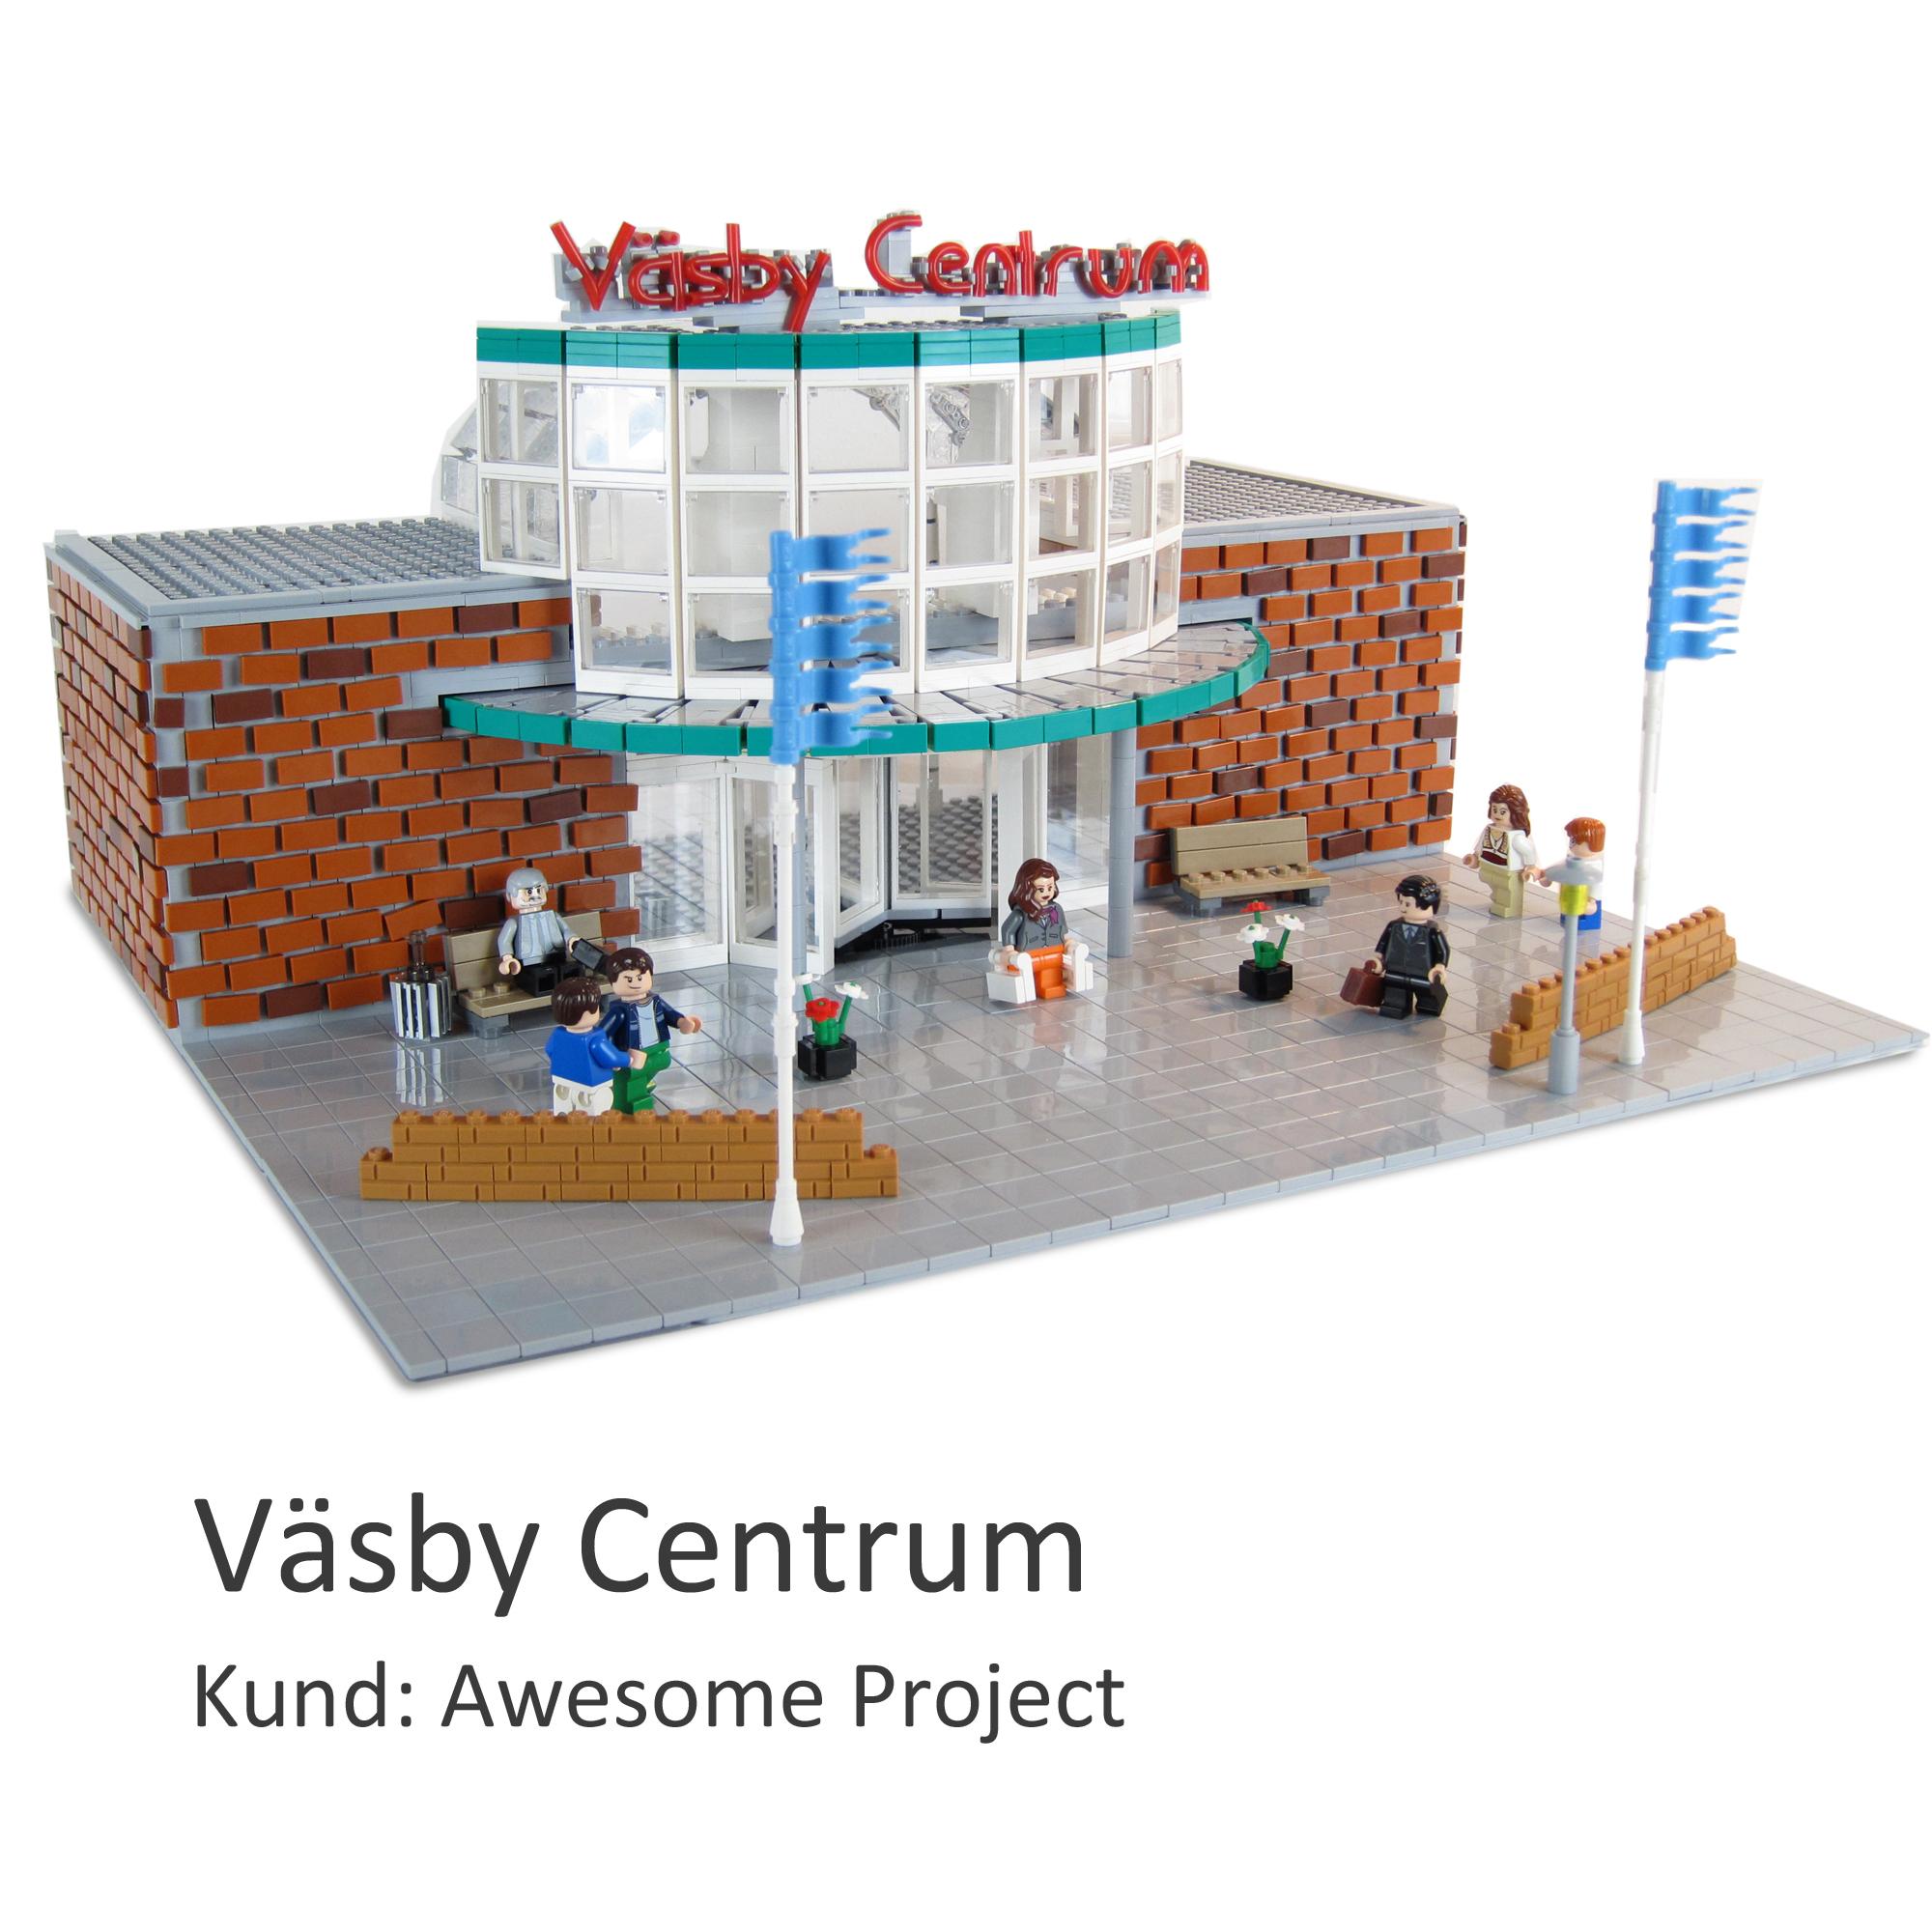 Övesiktsmodellen Väsby Centrum av LEGO